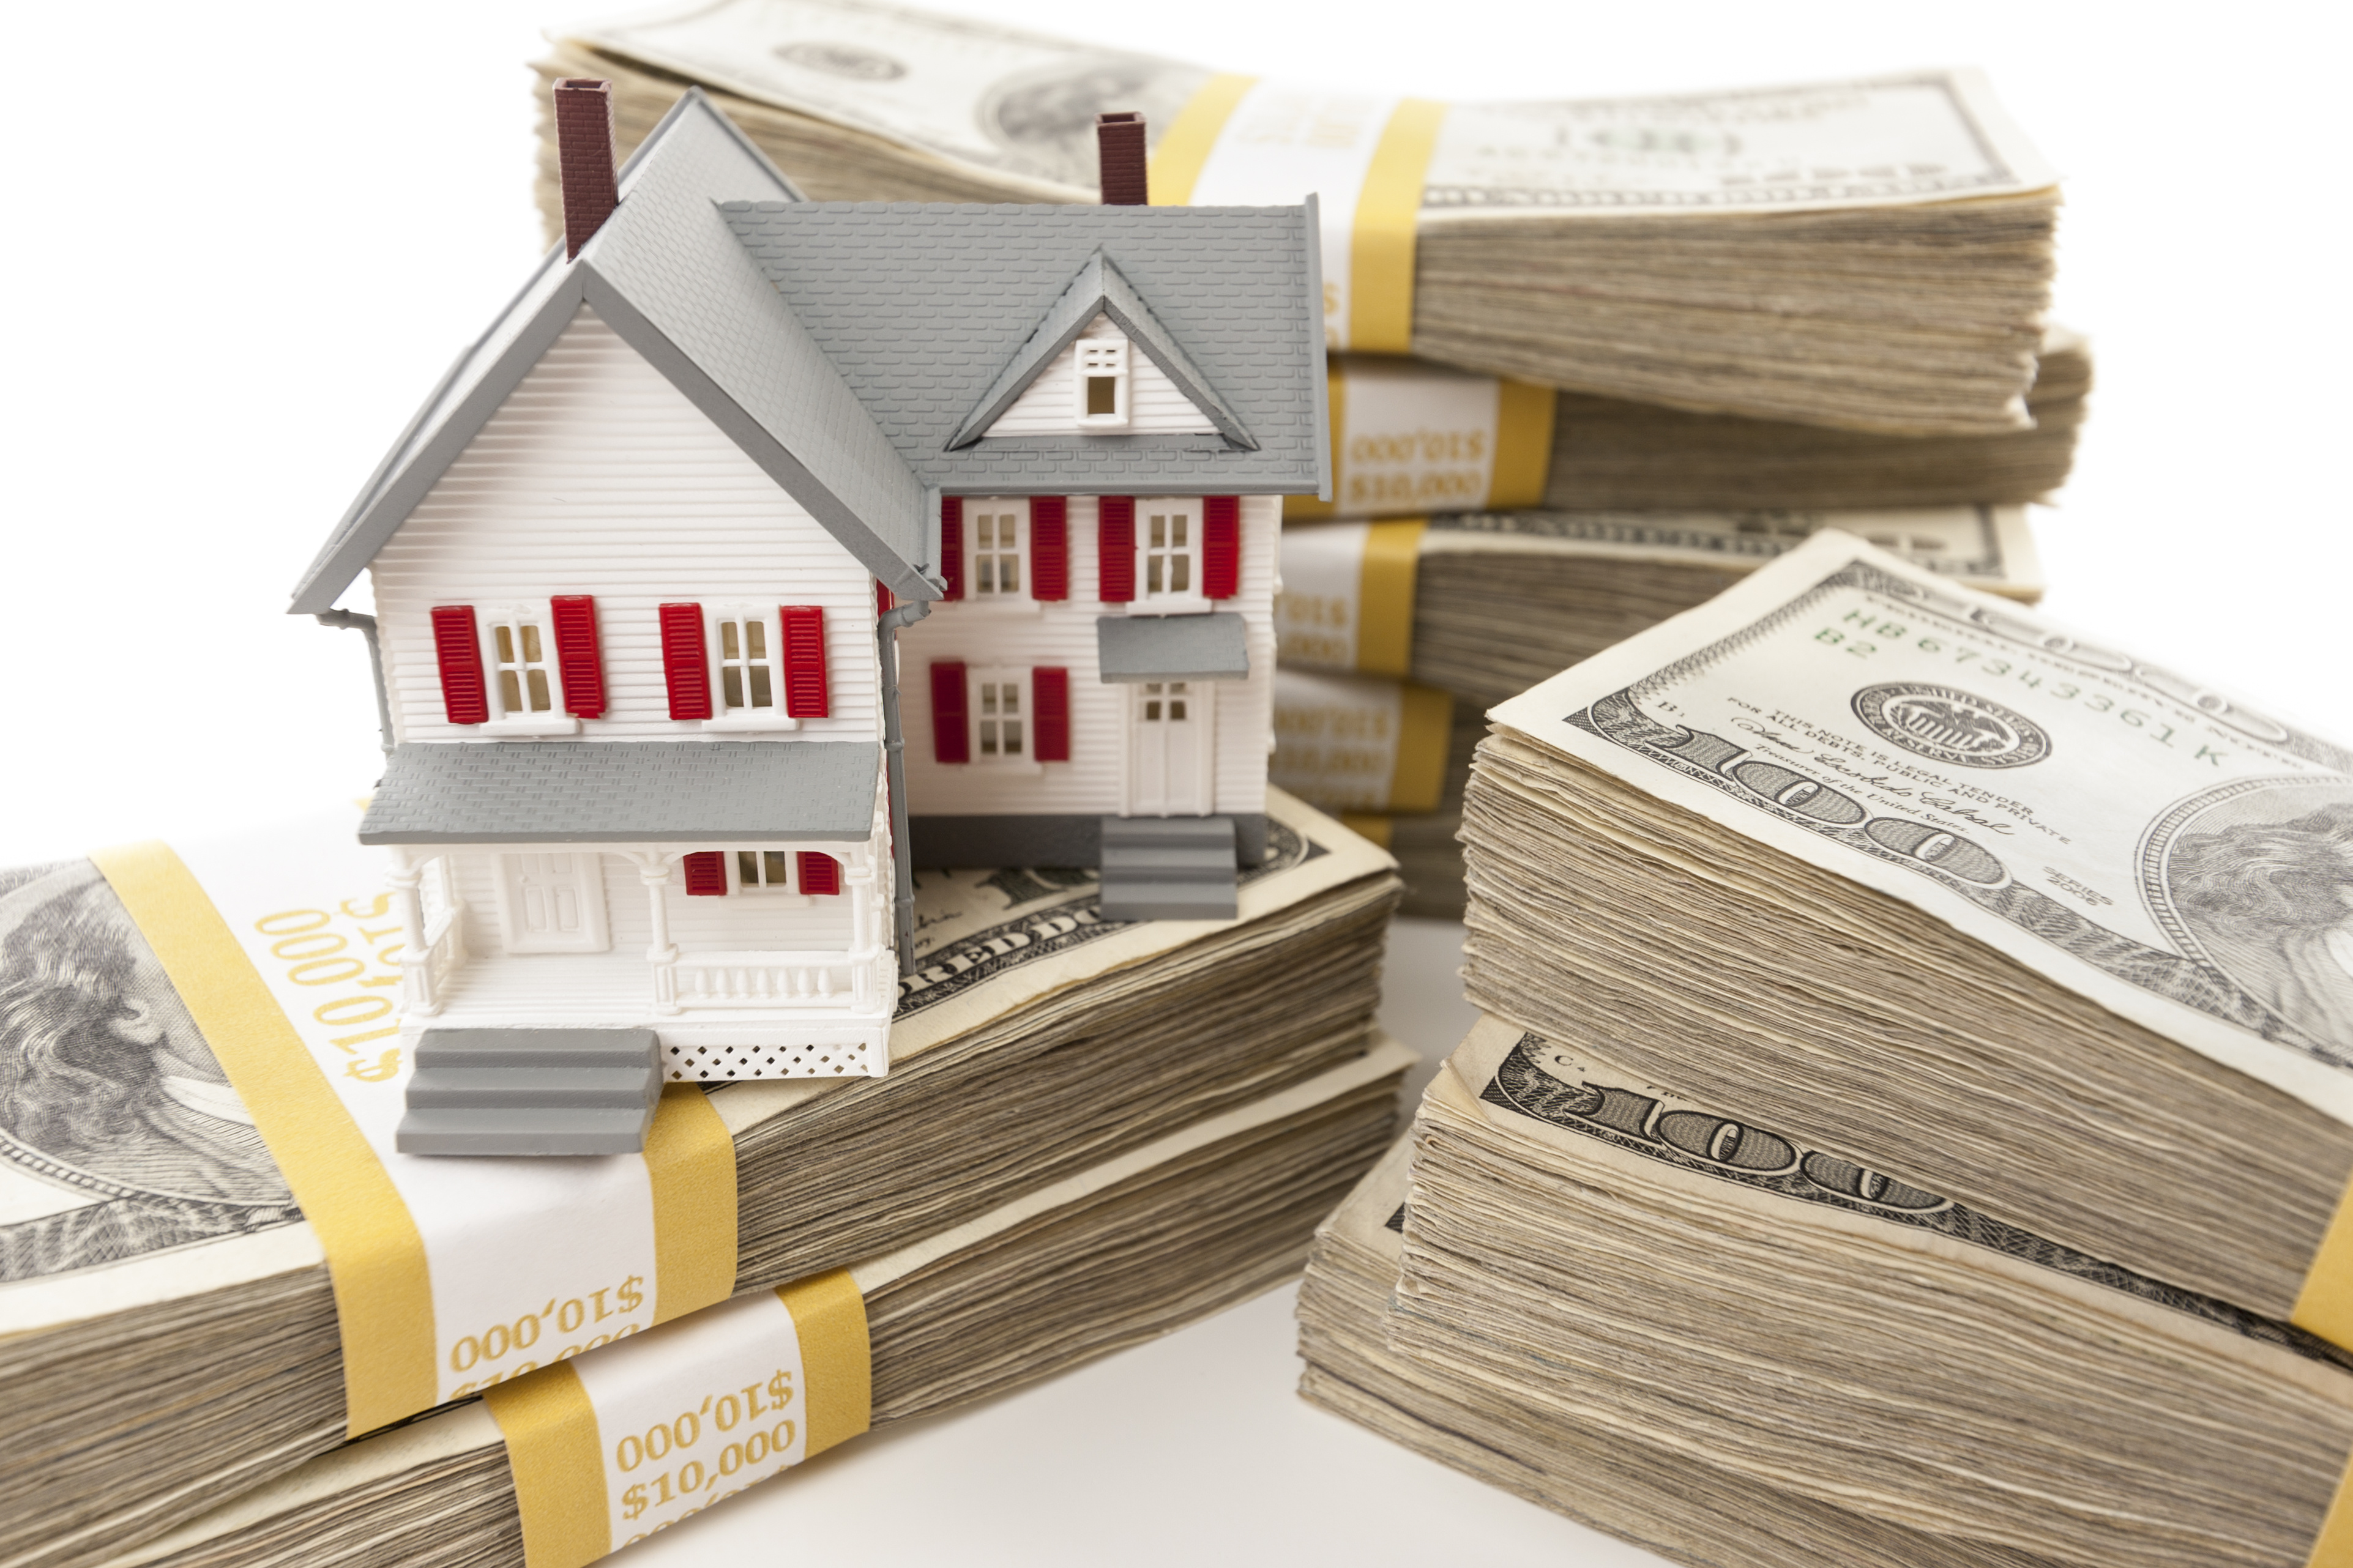 Dollar.house